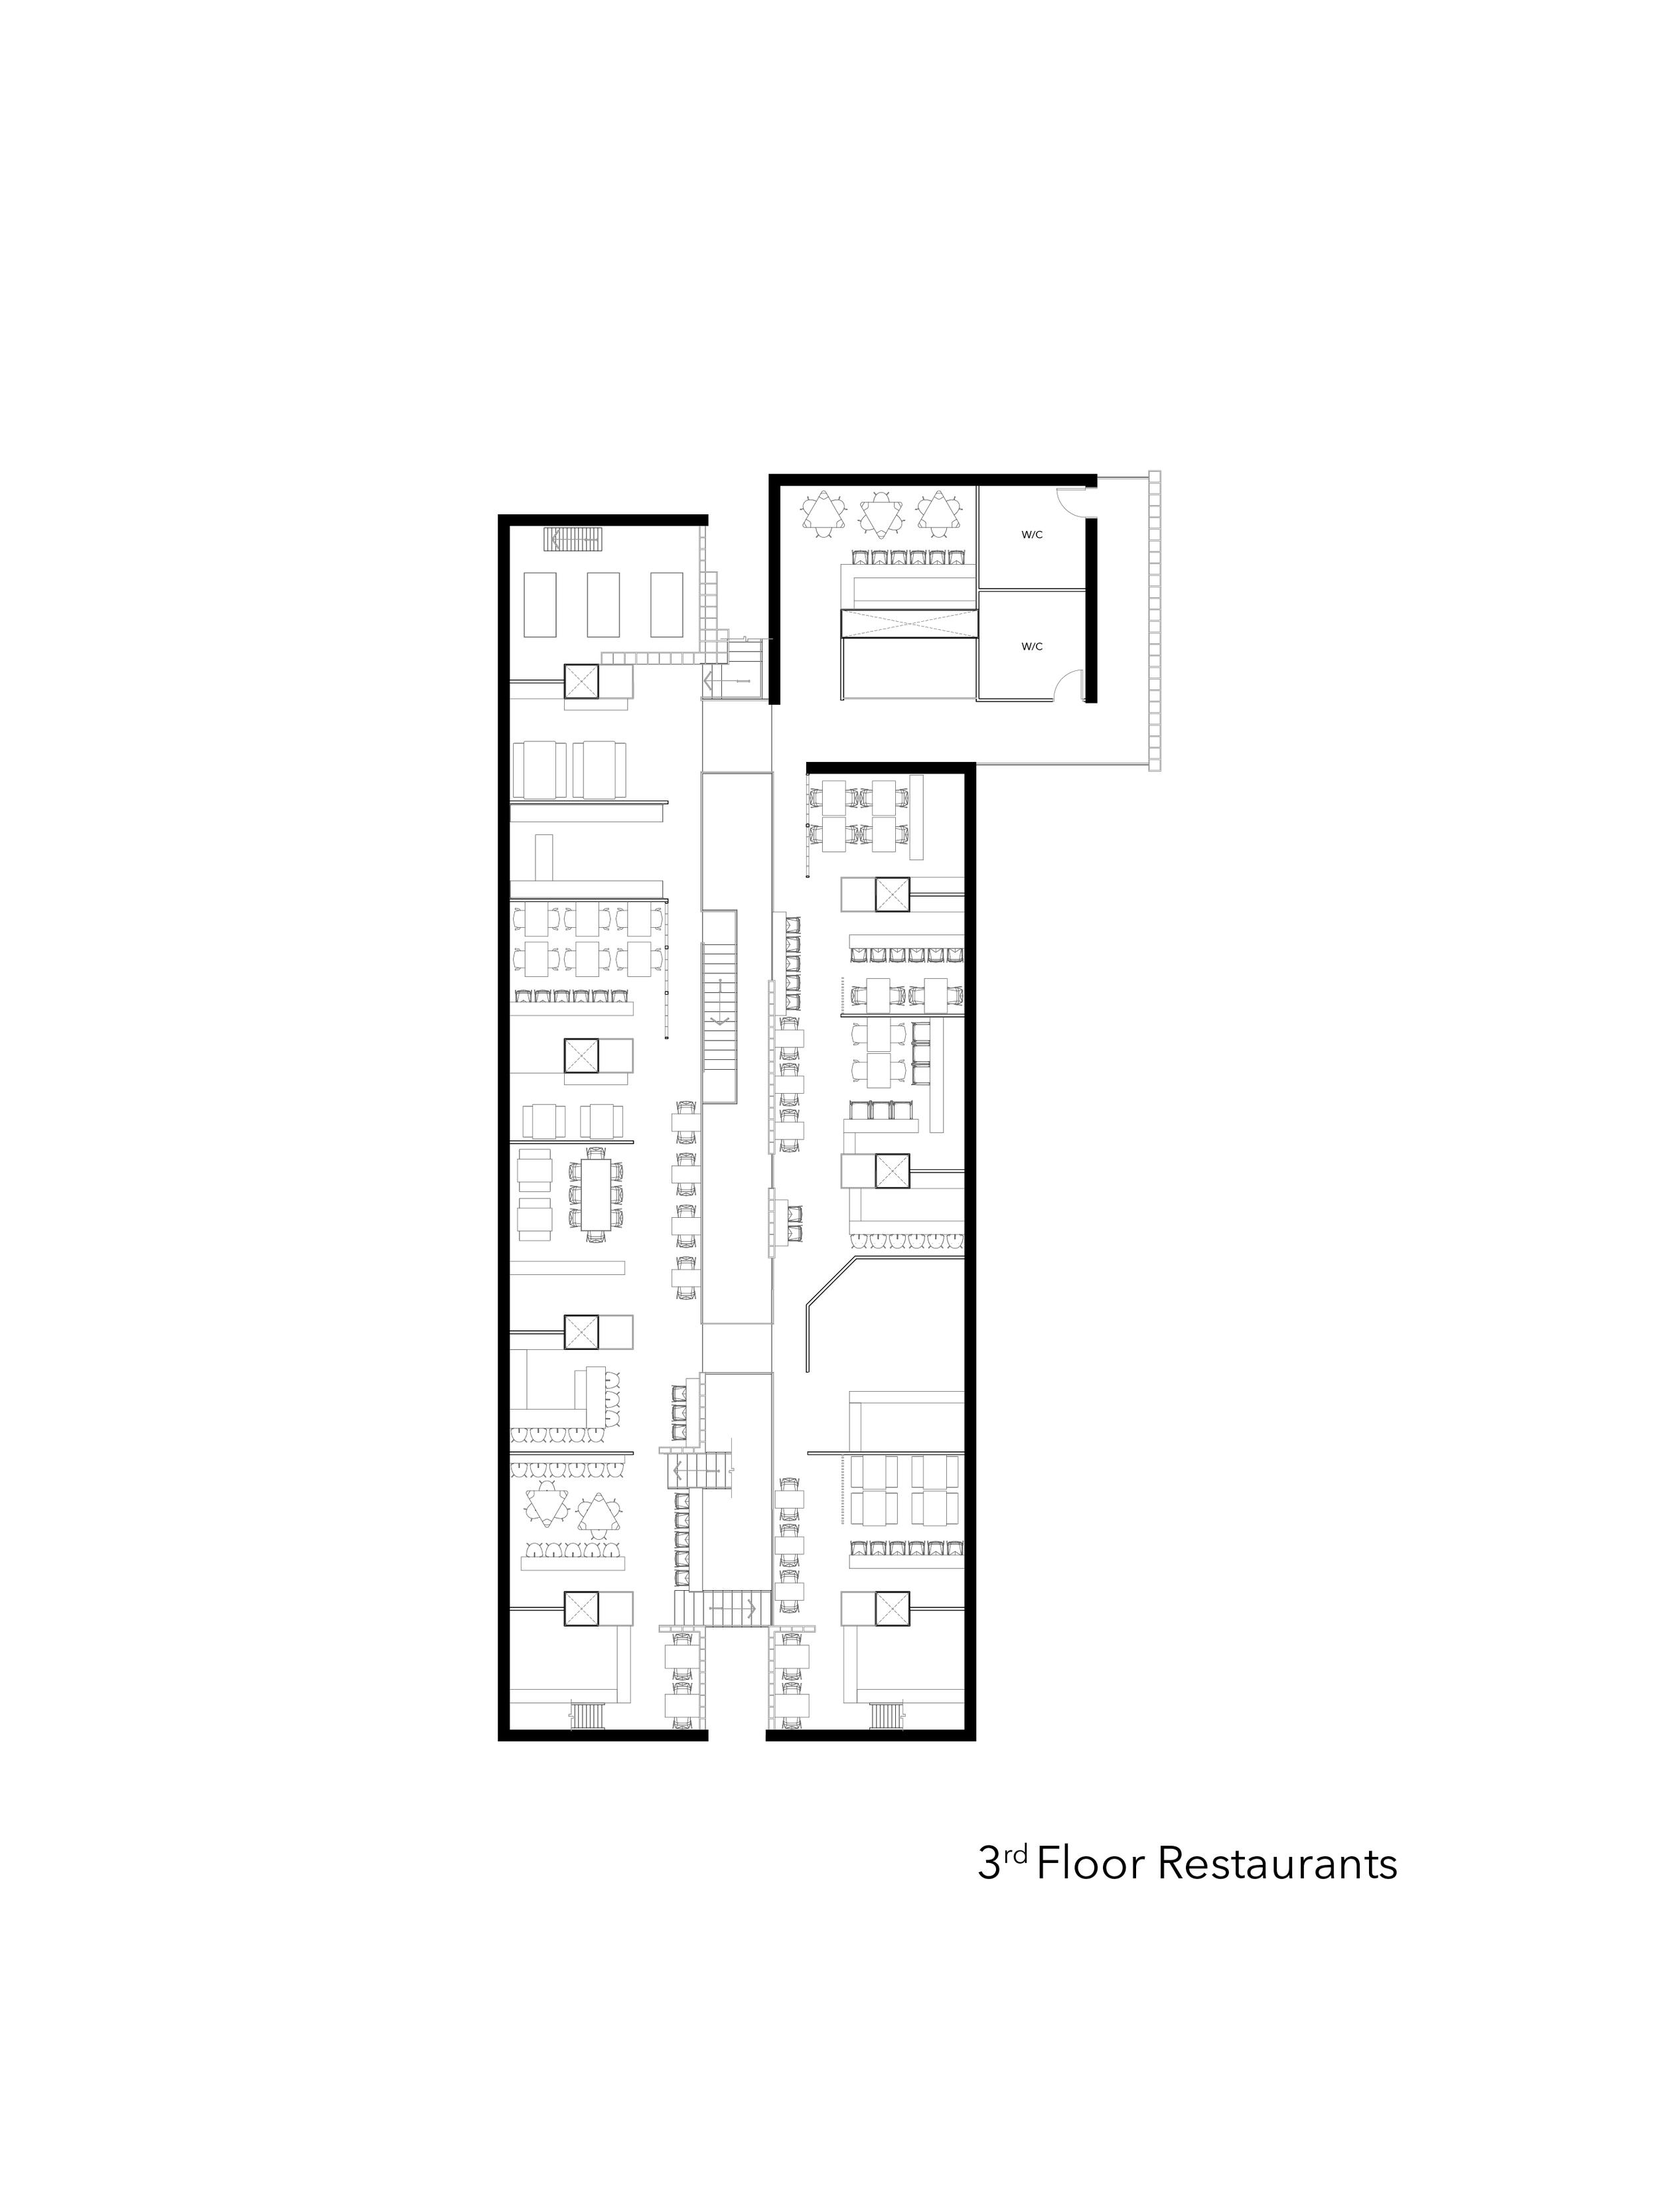 floorplans-03.jpg